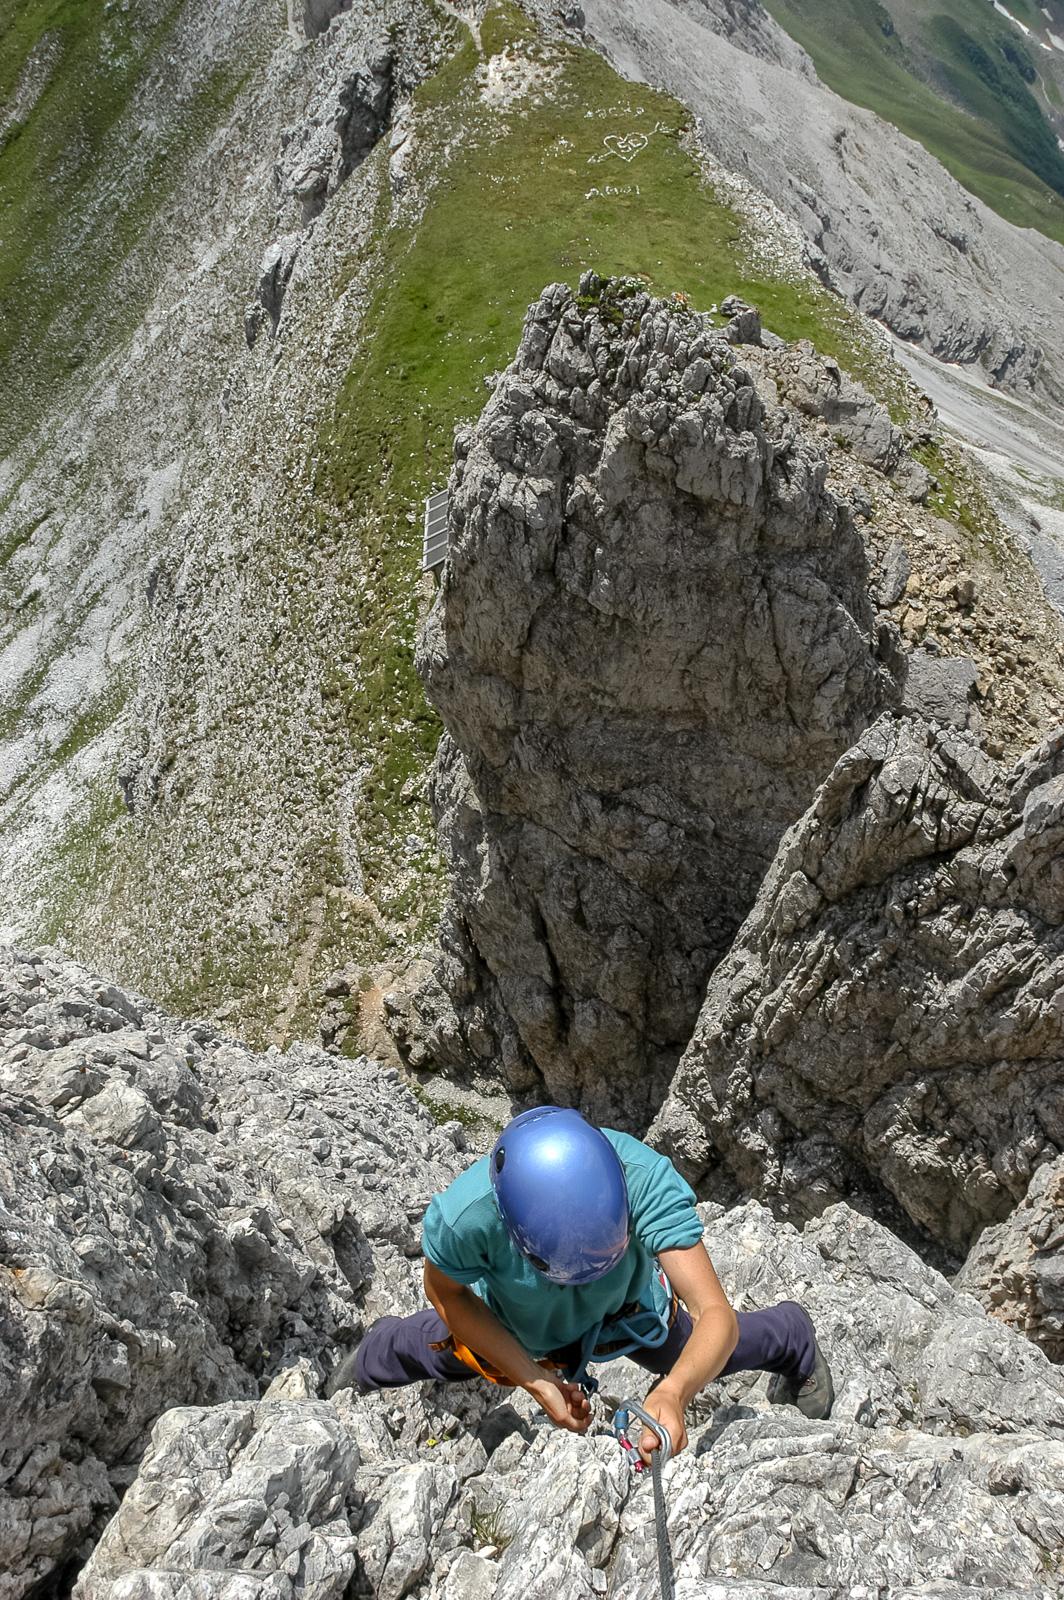 Die ersten Meter machen Spass. Griffig der Fels, die Route nutzt die Möglichkeiten perfekt und die Sicherungen sind ausgezeichnet, eben rasant an die Wände geklebt